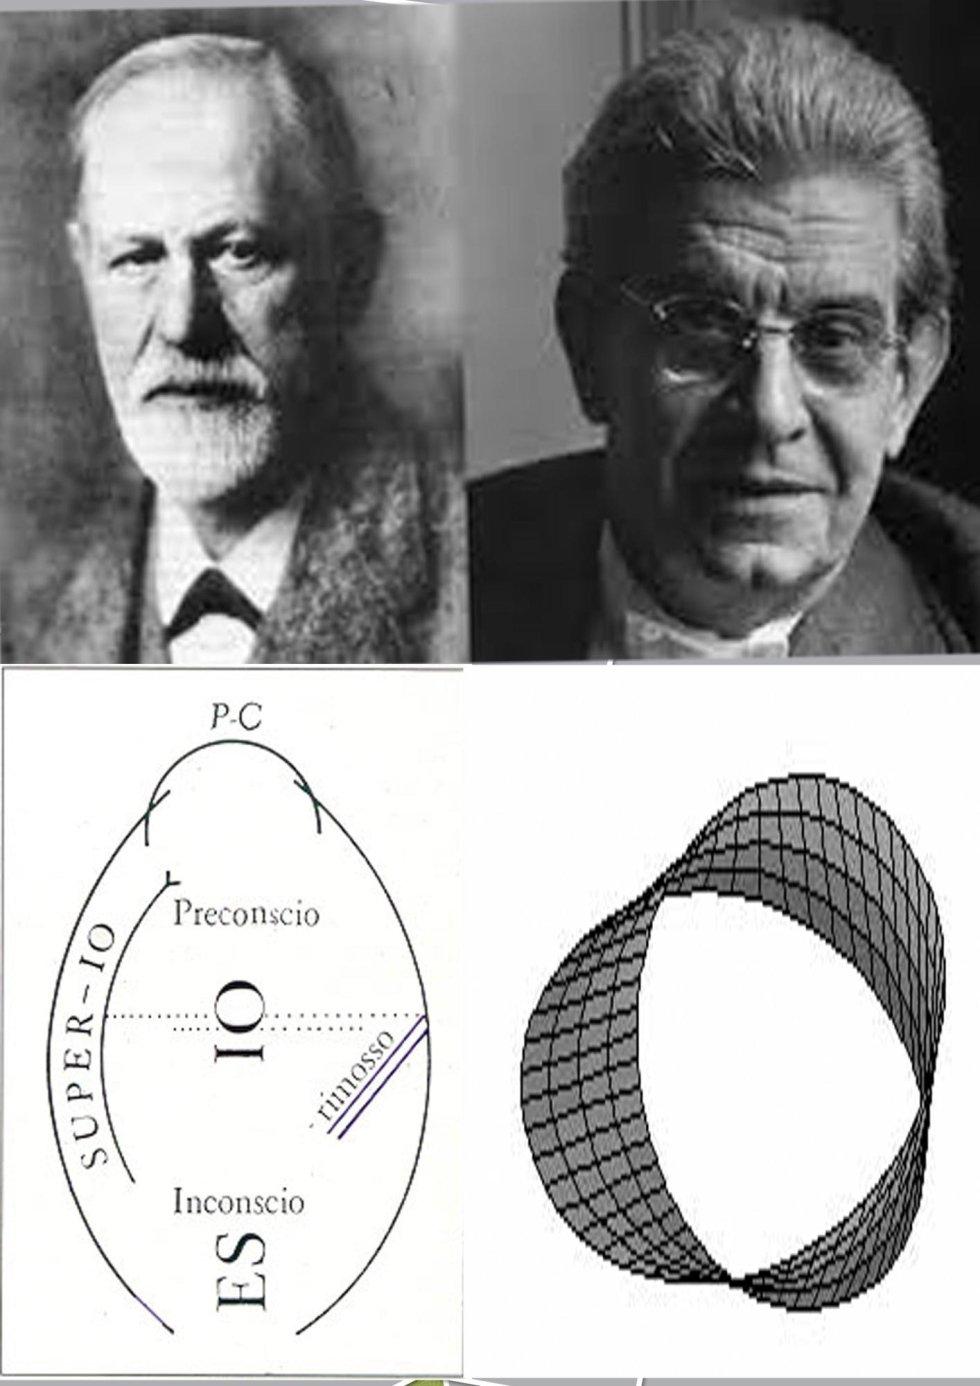 Il modello dell'inconscio in Freud e Lacan